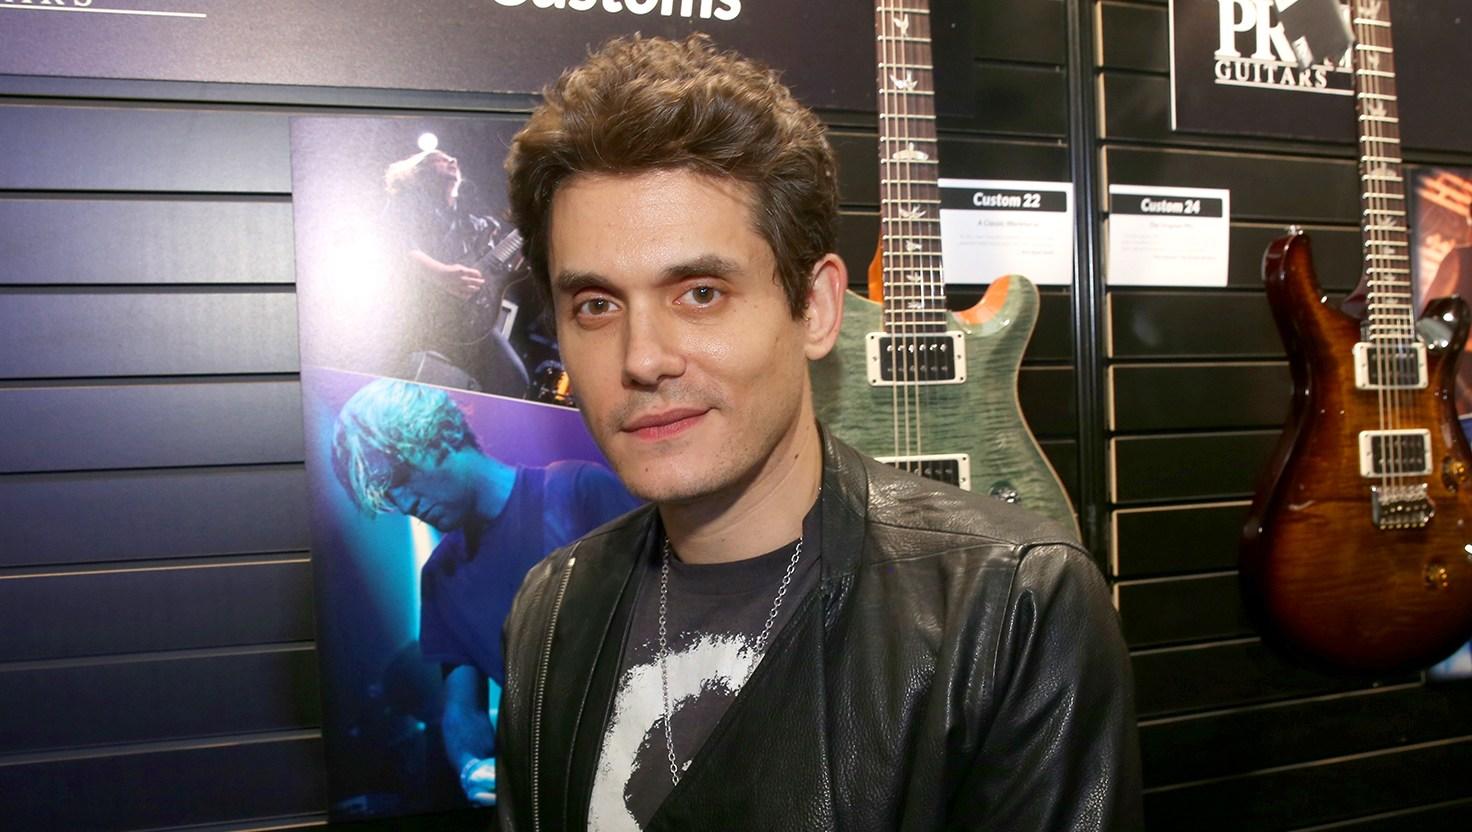 John Mayer sober